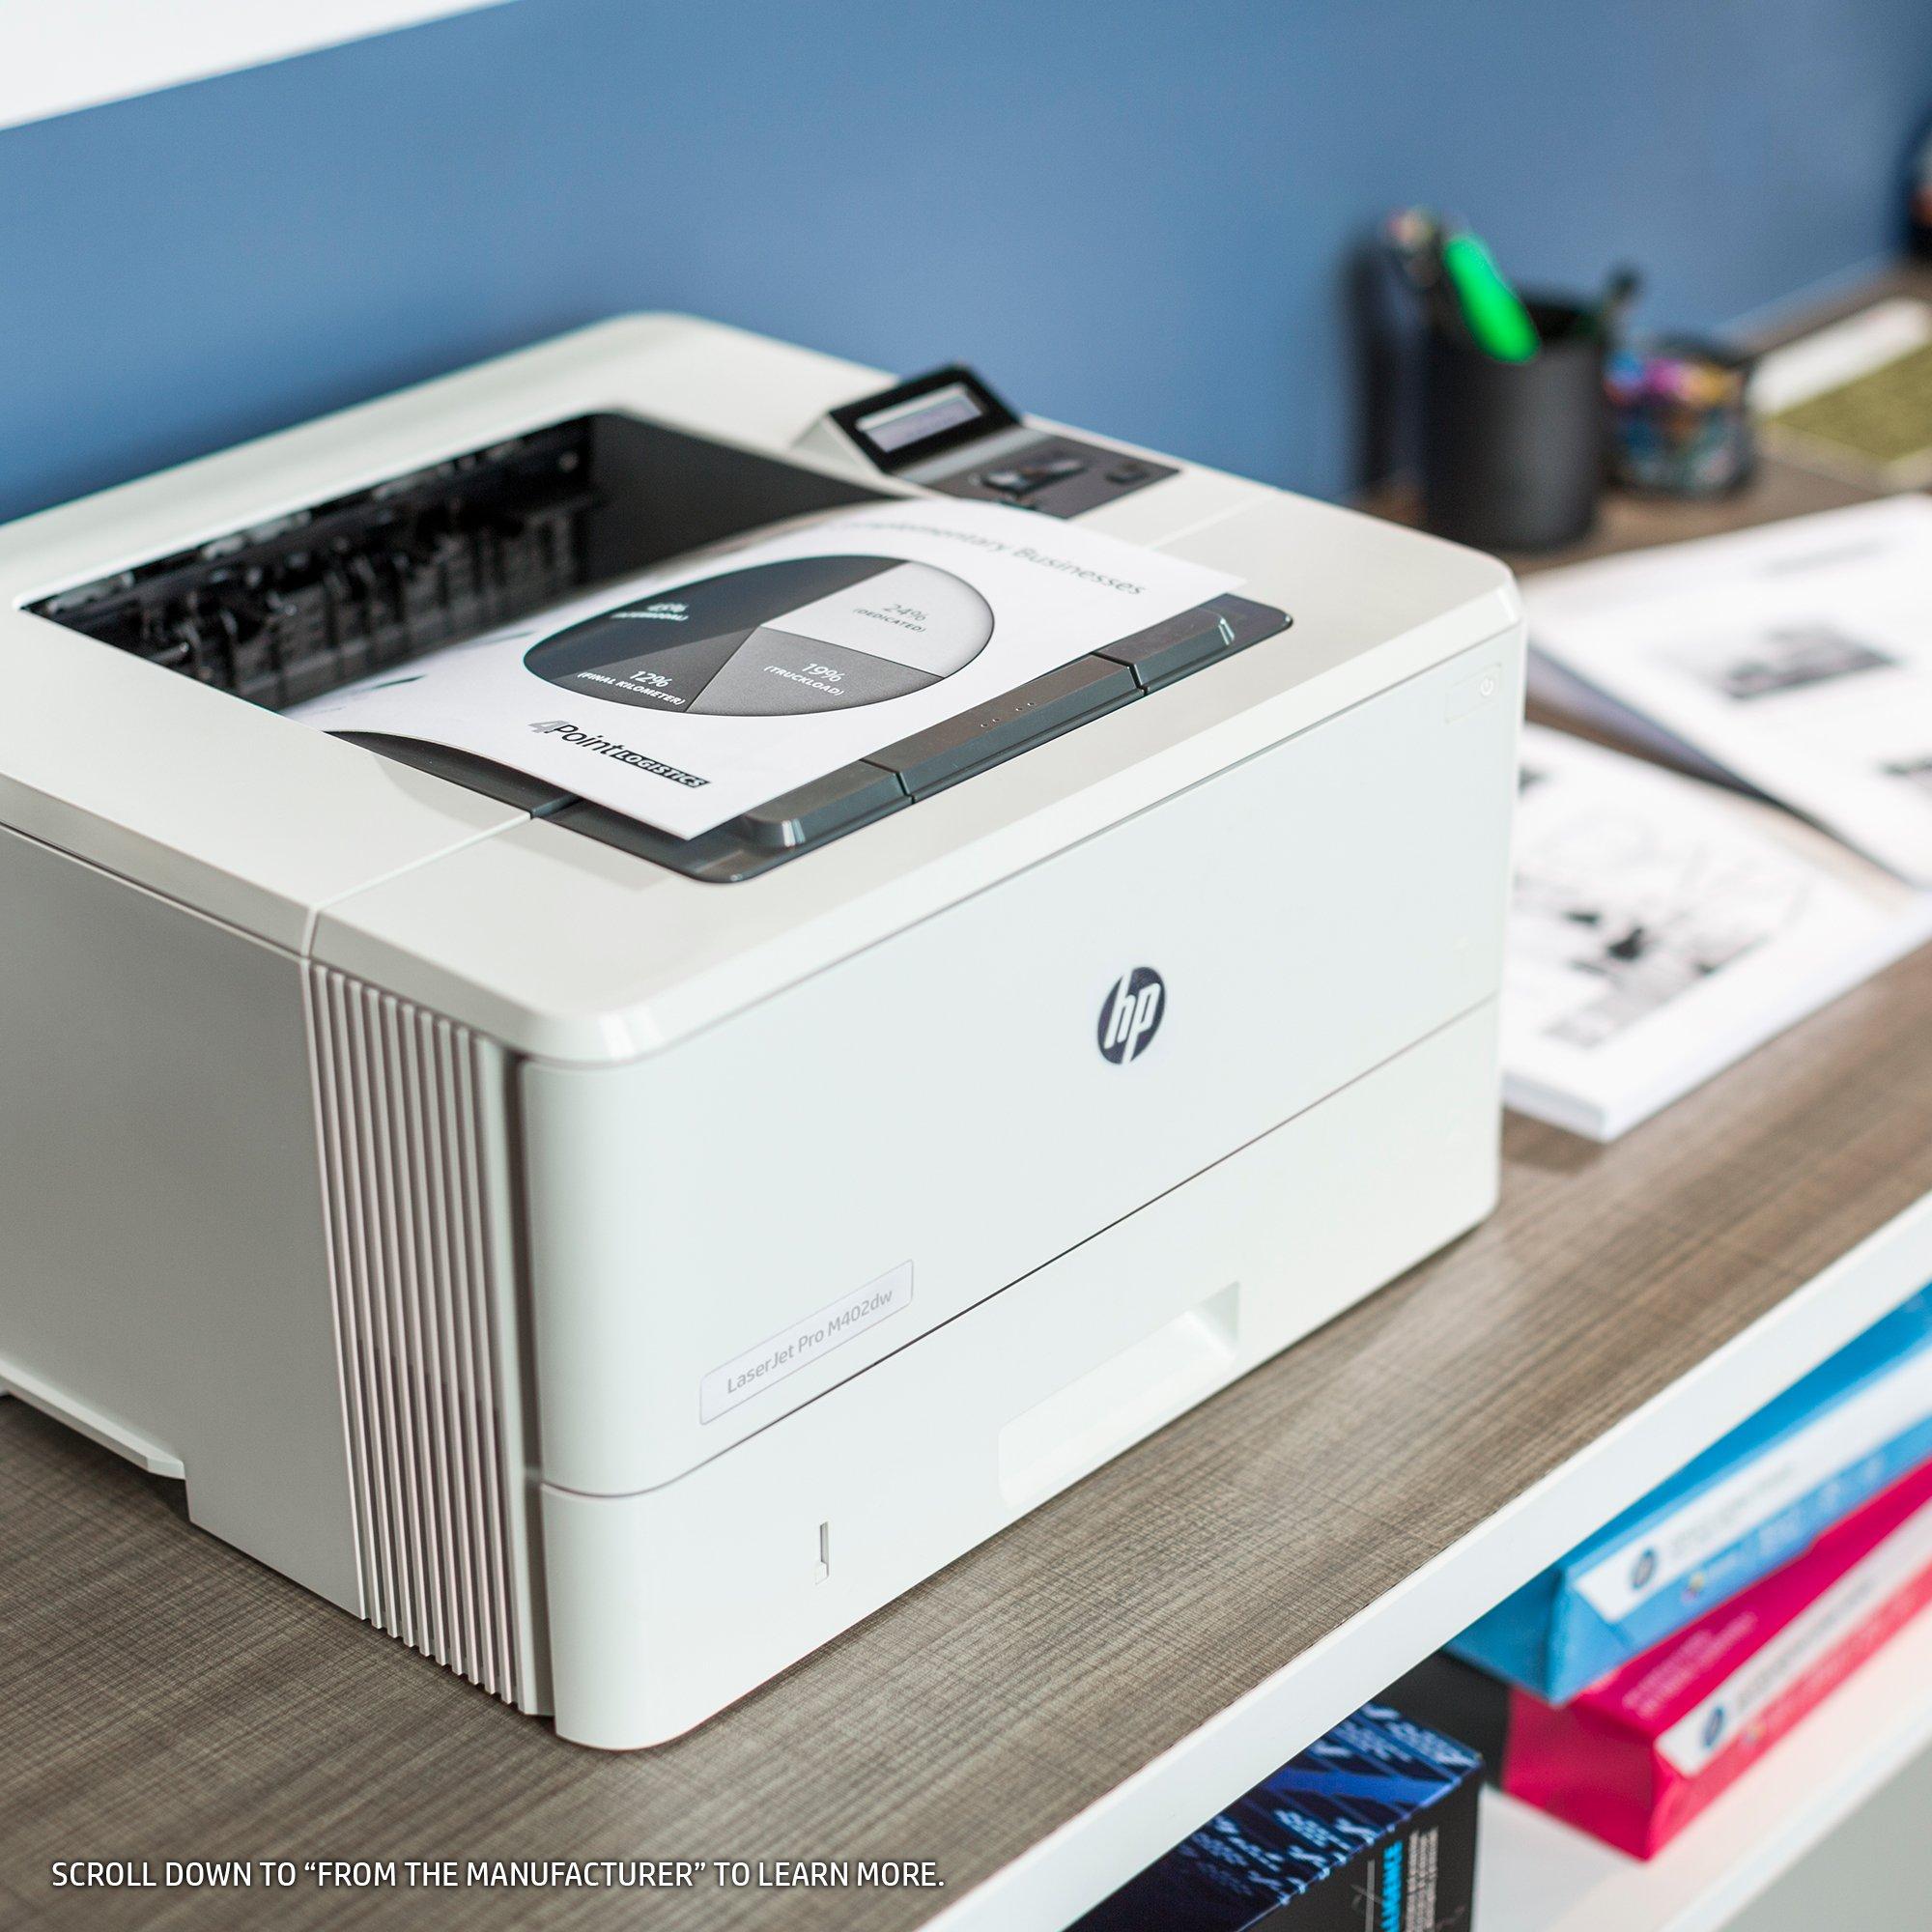 HP LaserJet Pro M402dw Wireless Monochrome Printer (C5F95A#BGJ) by HP (Image #5)